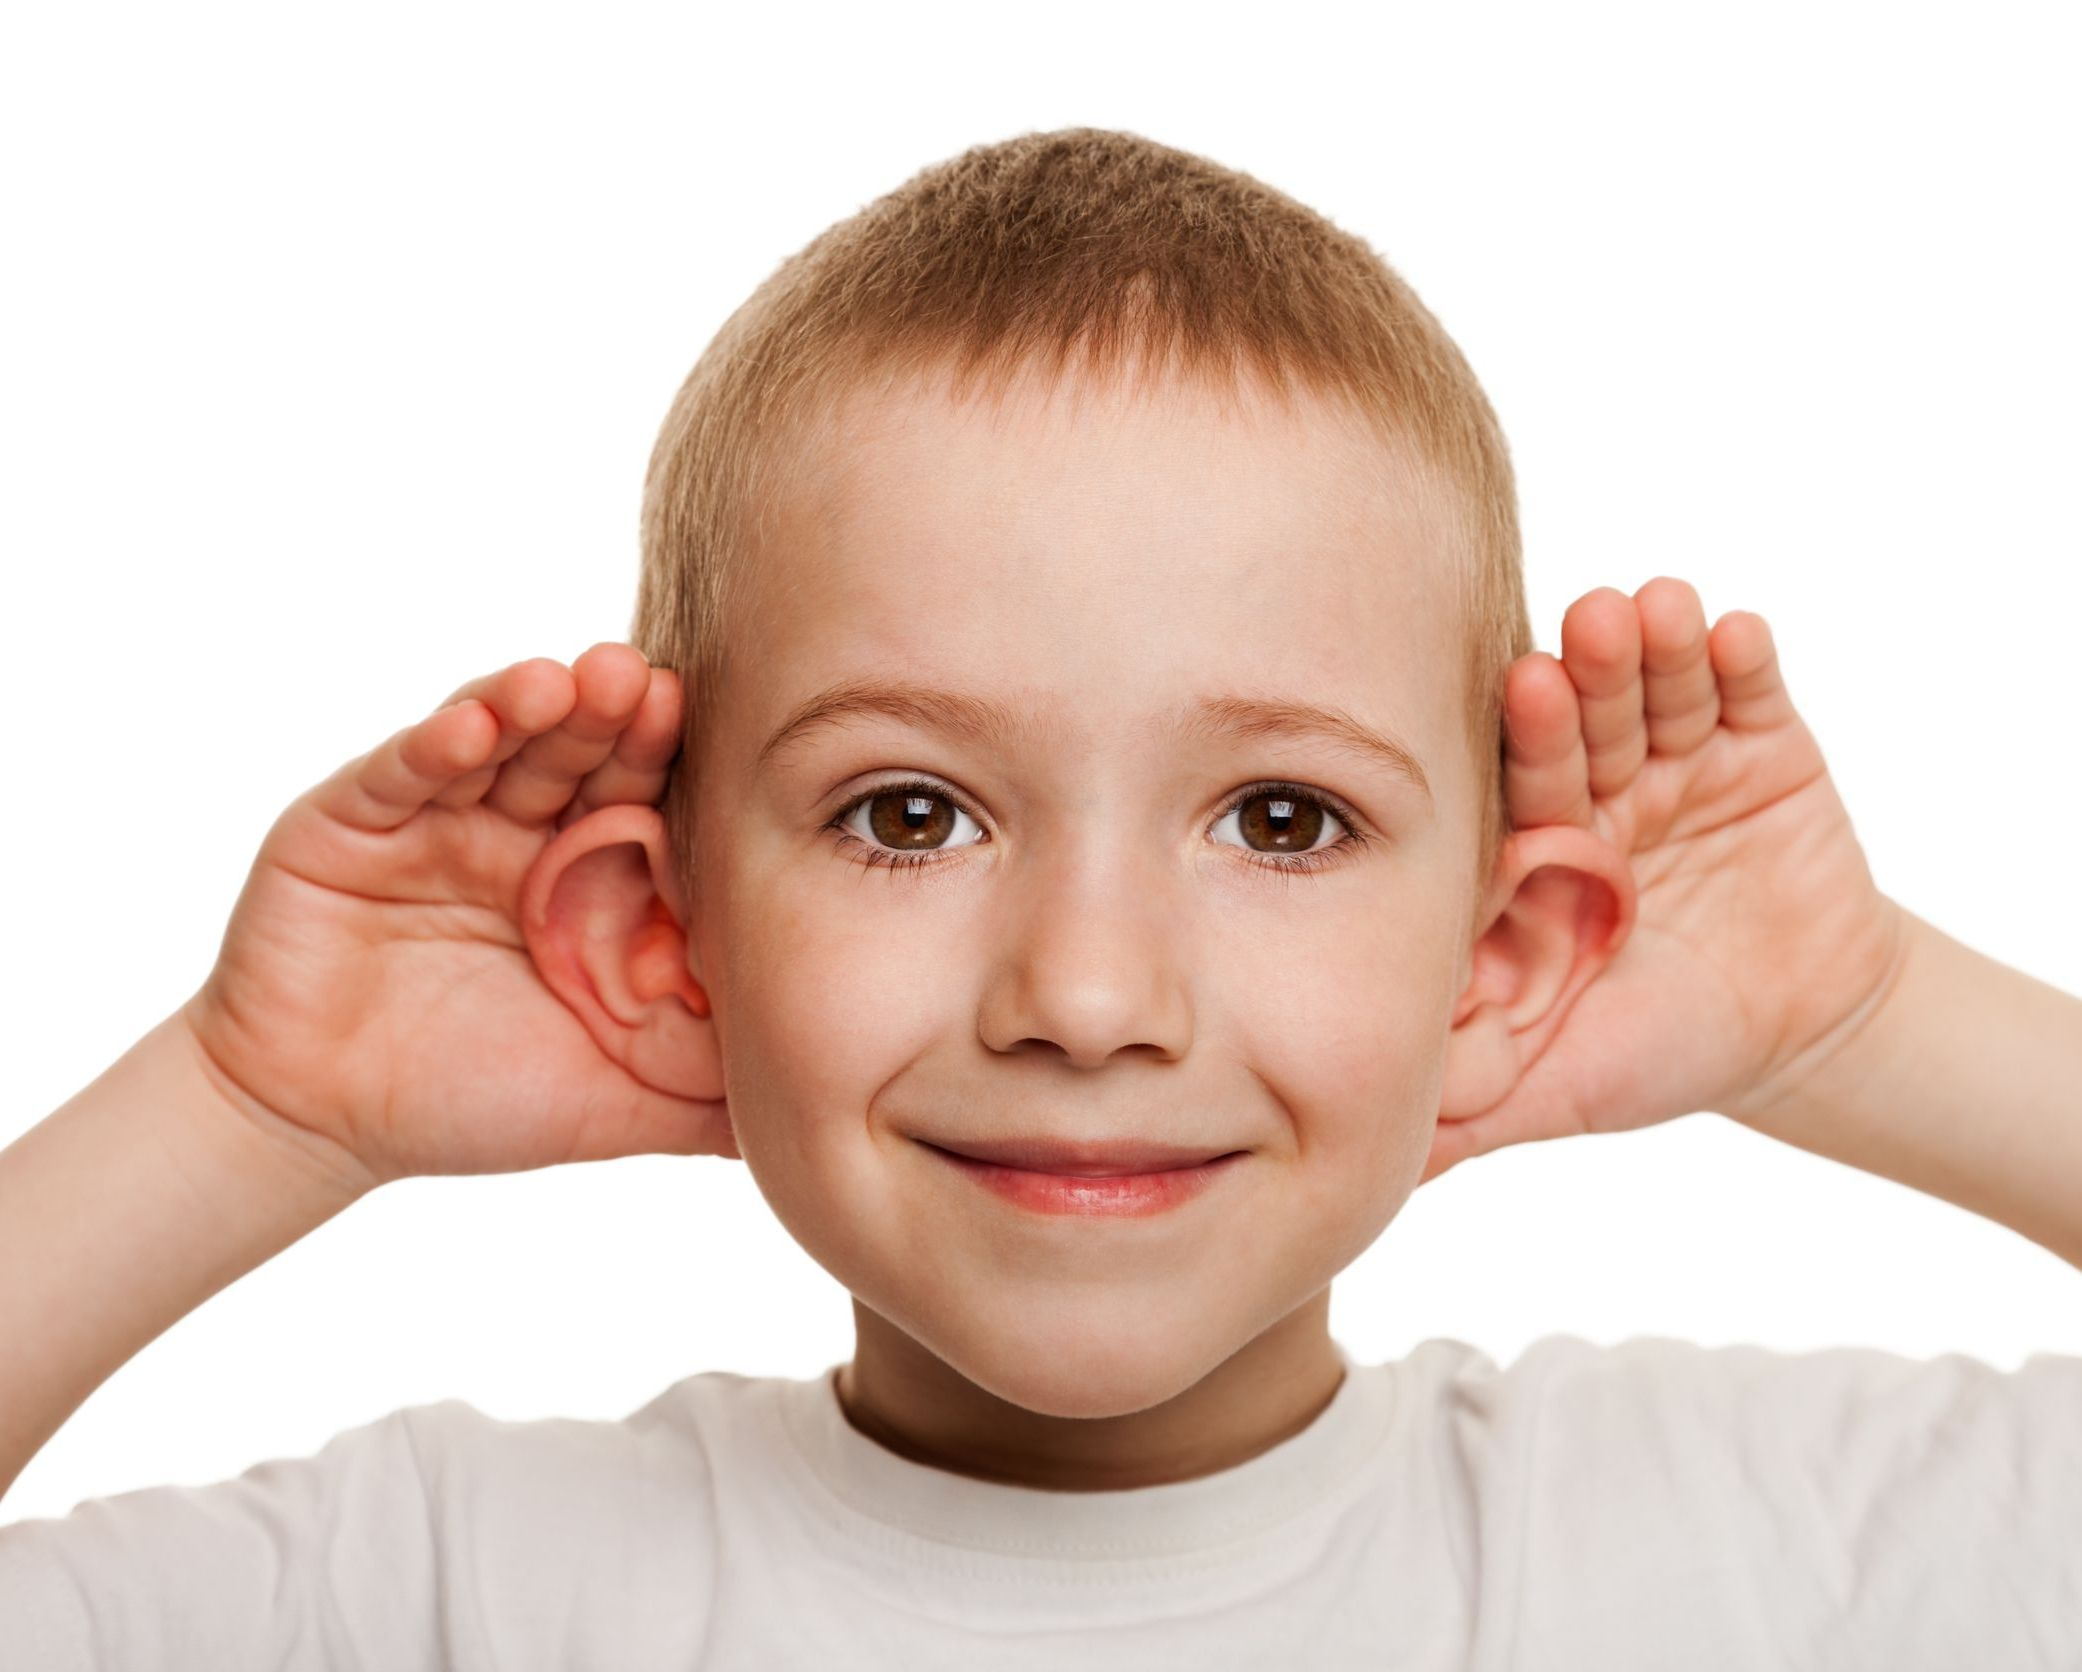 Нейросенсорна приглухуватість 1, 2, 3 і 4 ступеня